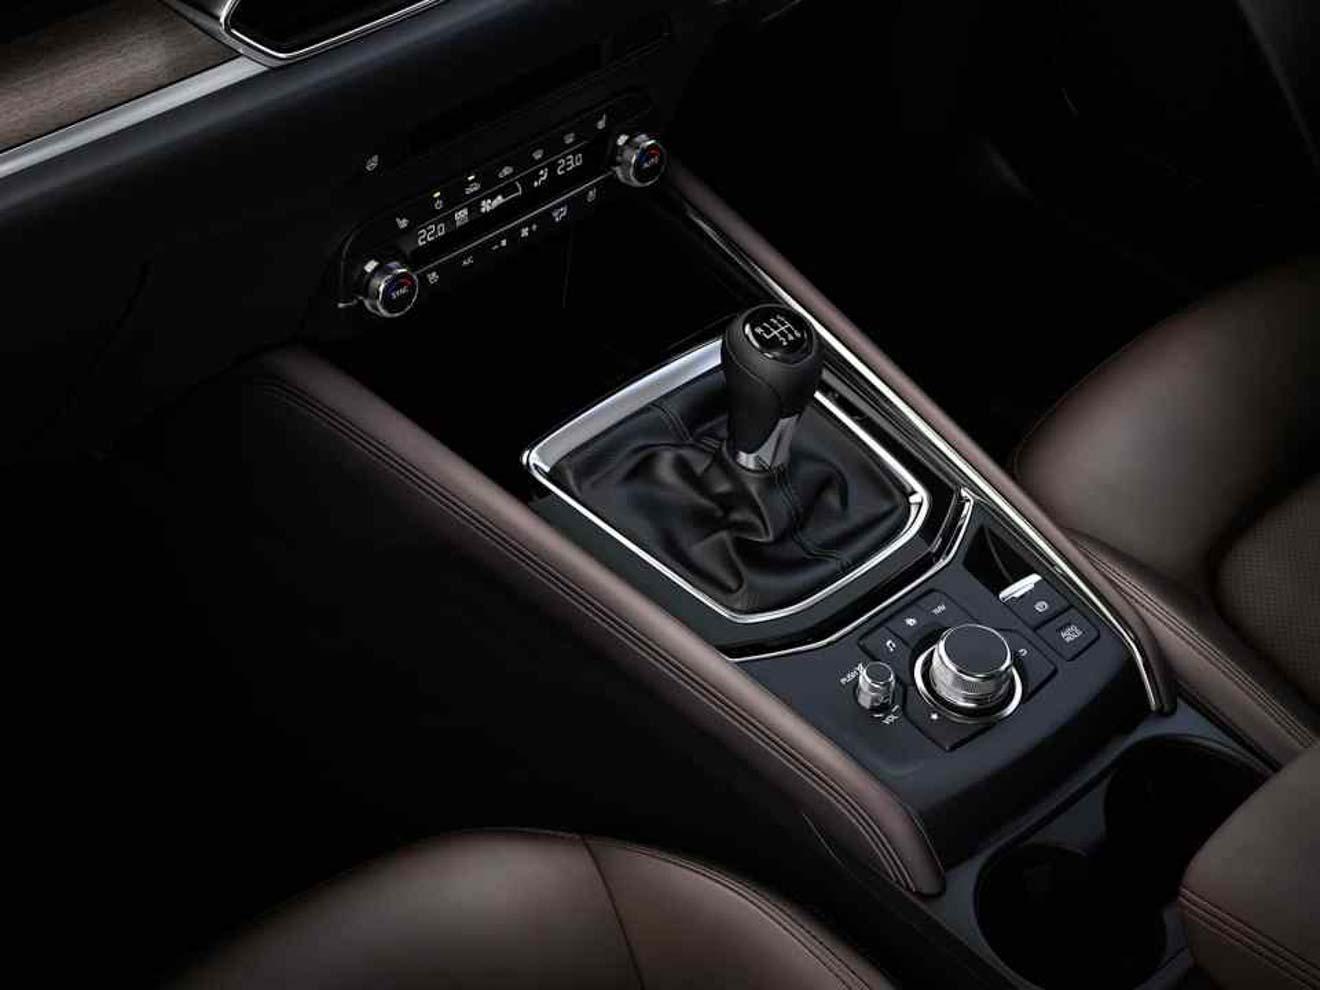 Mazda giới thiệu CX-5 2019 với trang bị động cơ tăng áp - 6